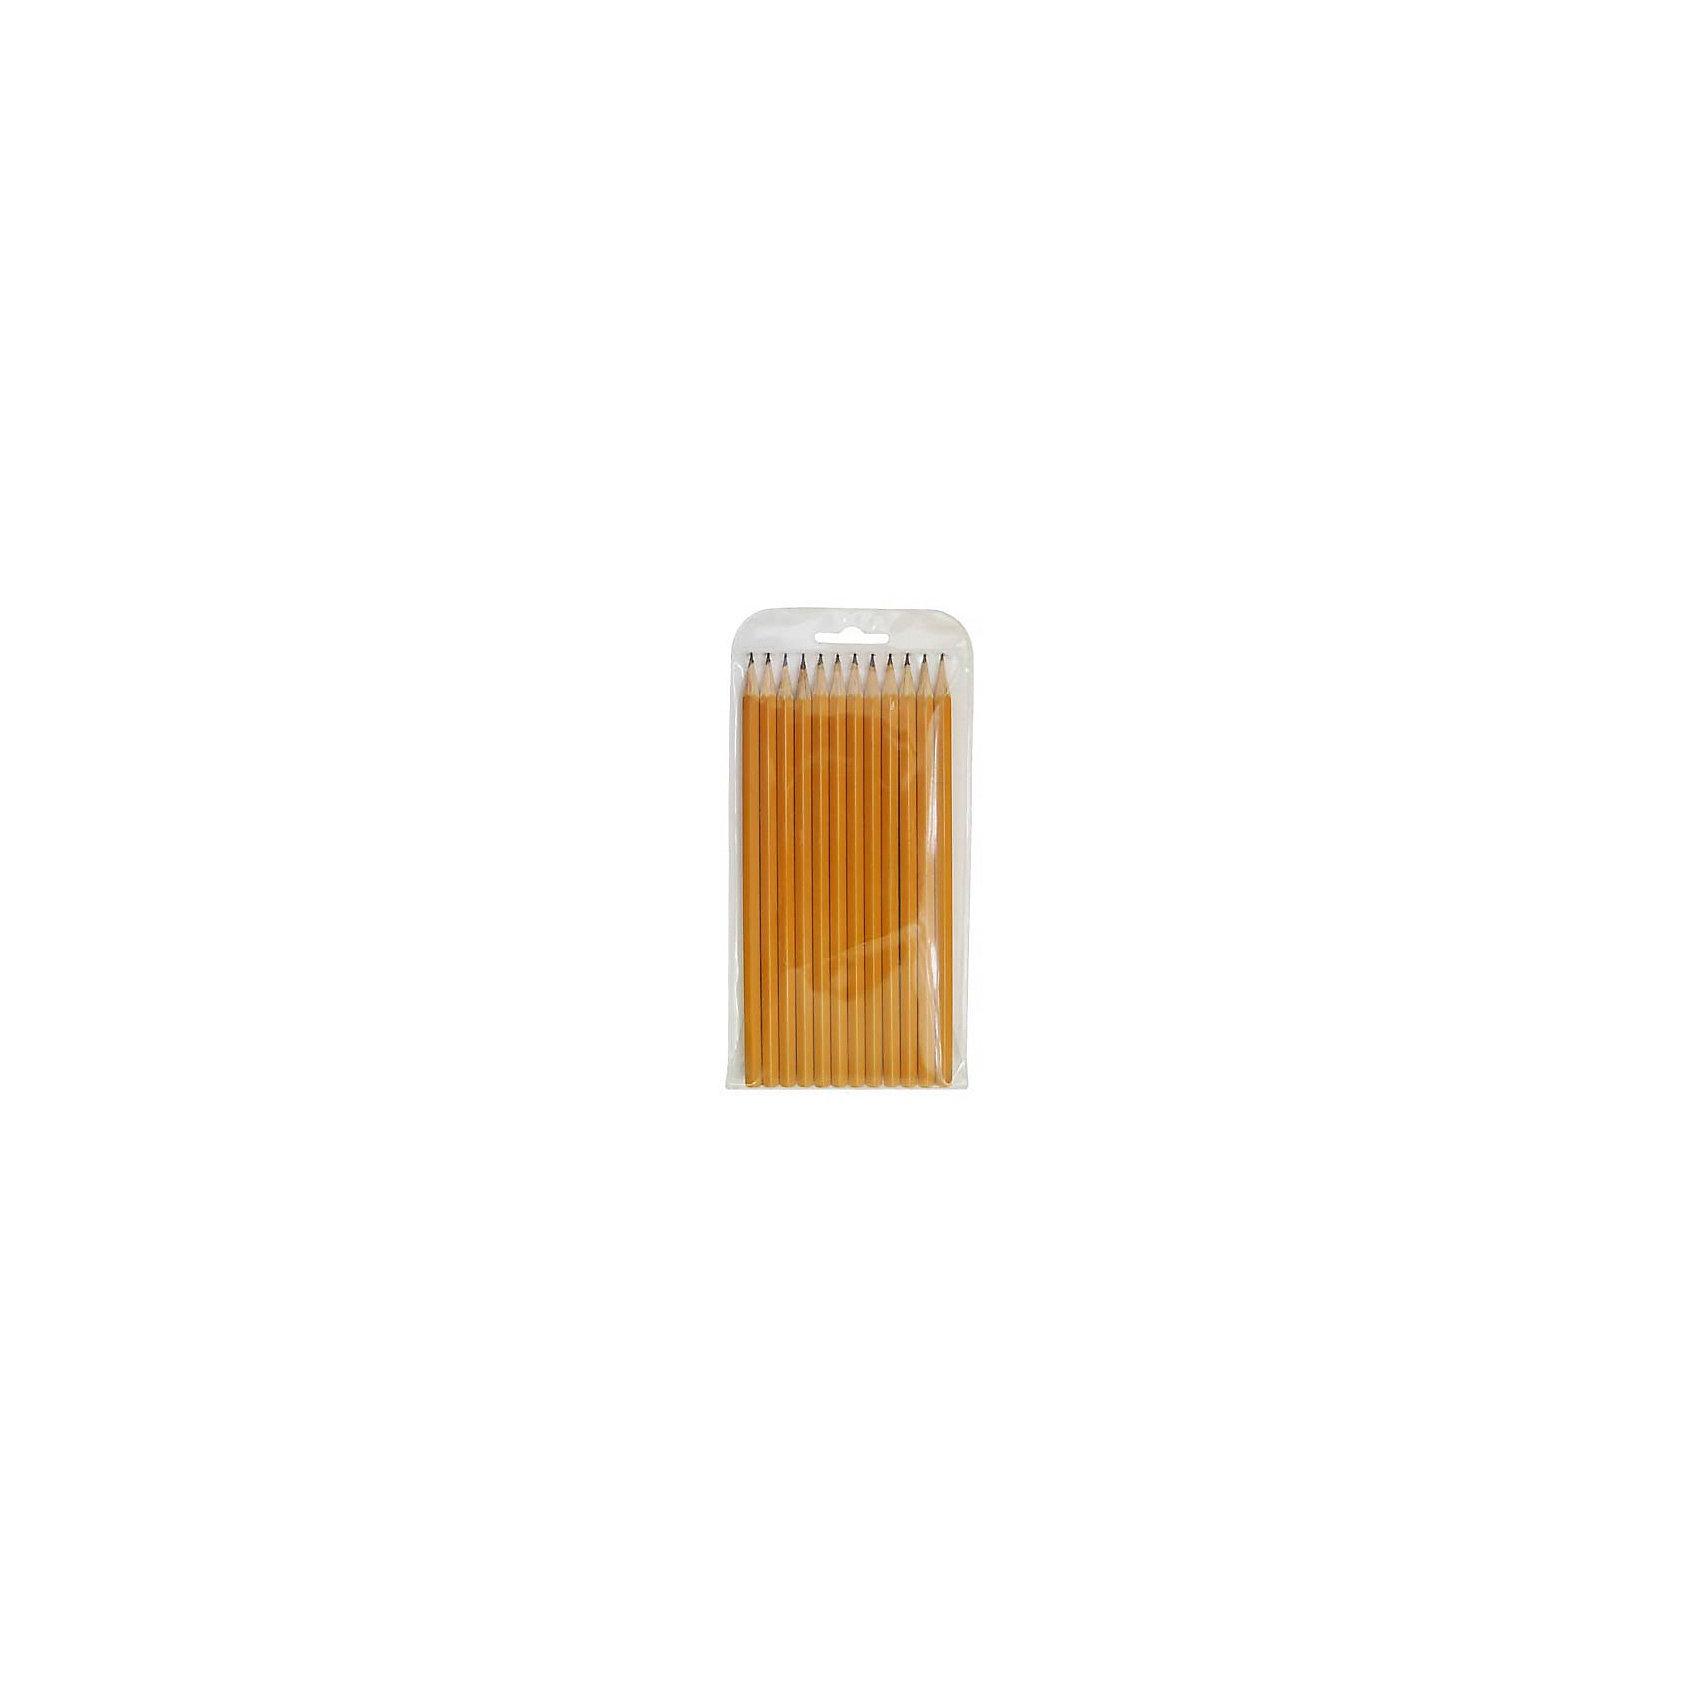 KOH-I-NOOR Набор карандашей чернографитных, 12 шт.Письменные принадлежности<br>Шестигранный корпус, заточенный. Наилучшее соотношение цена - качество. 12 штук. В блистерной упаковке с европодвесом, твердости 2B, В, НВ, НВ, Н, 2Н<br><br>Ширина мм: 200<br>Глубина мм: 95<br>Высота мм: 7<br>Вес г: 55<br>Возраст от месяцев: 36<br>Возраст до месяцев: 168<br>Пол: Унисекс<br>Возраст: Детский<br>SKU: 6888699